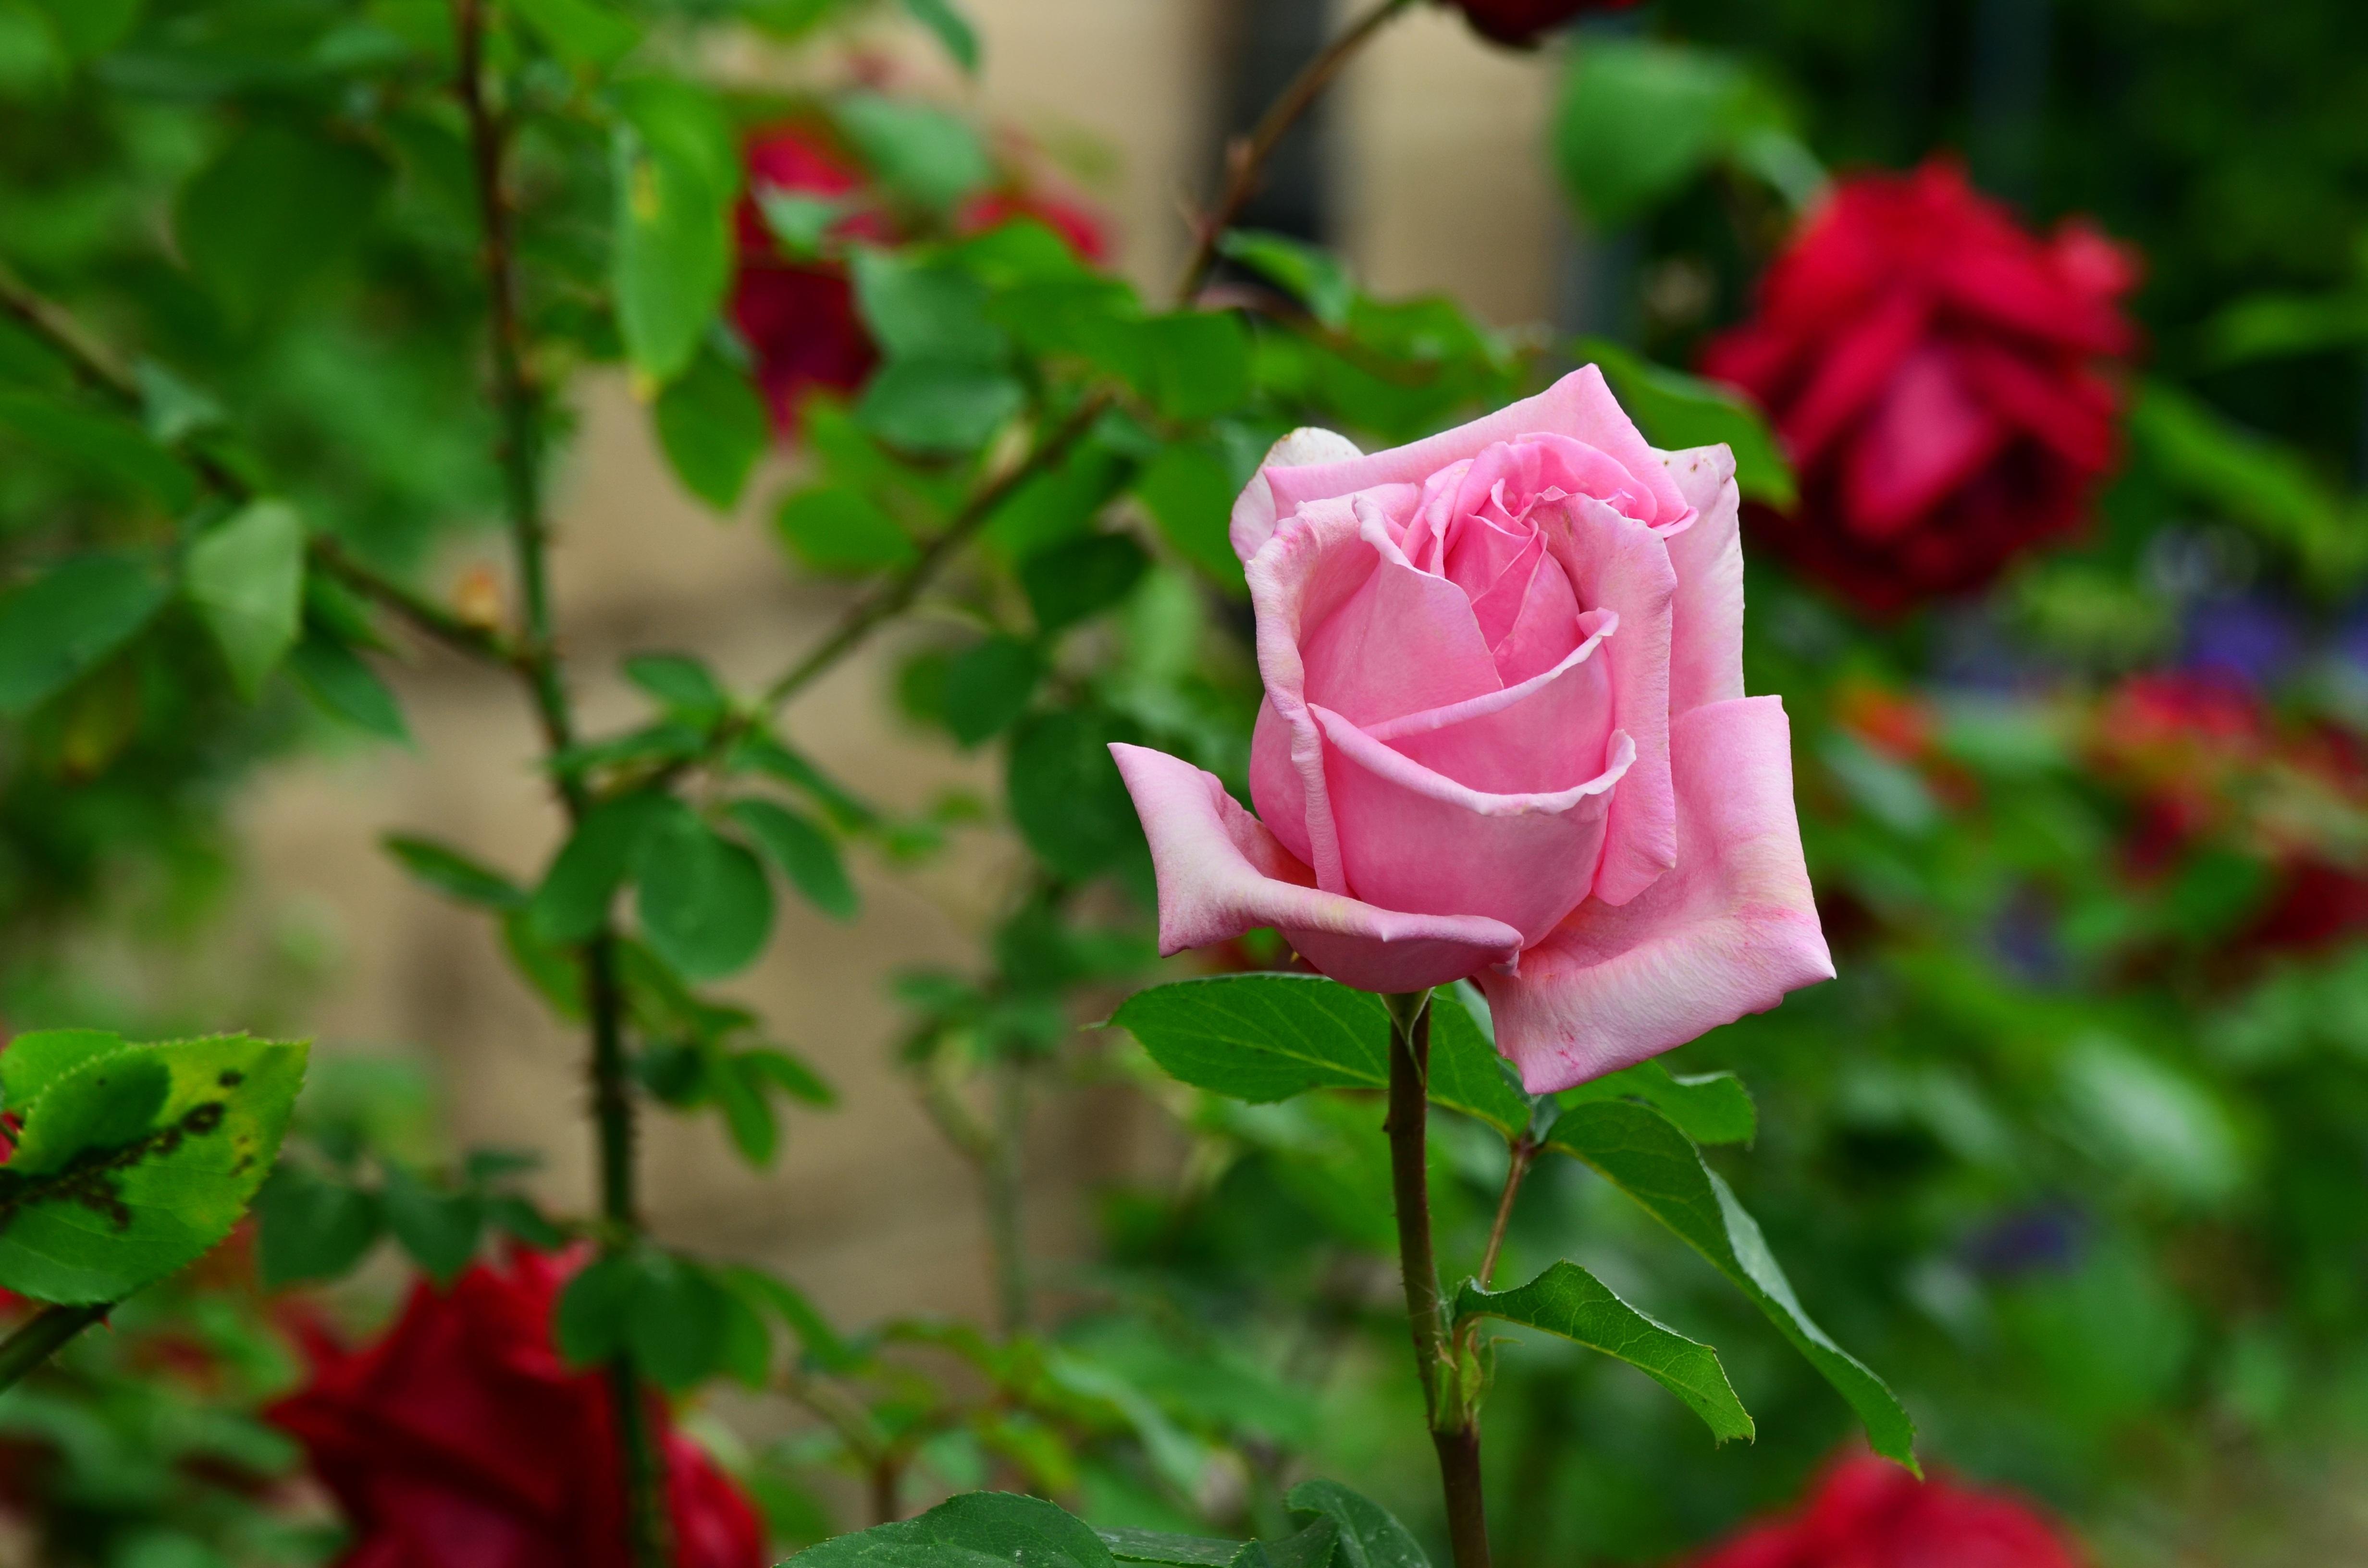 images gratuites : pétale, rouge, botanique, flore, des roses